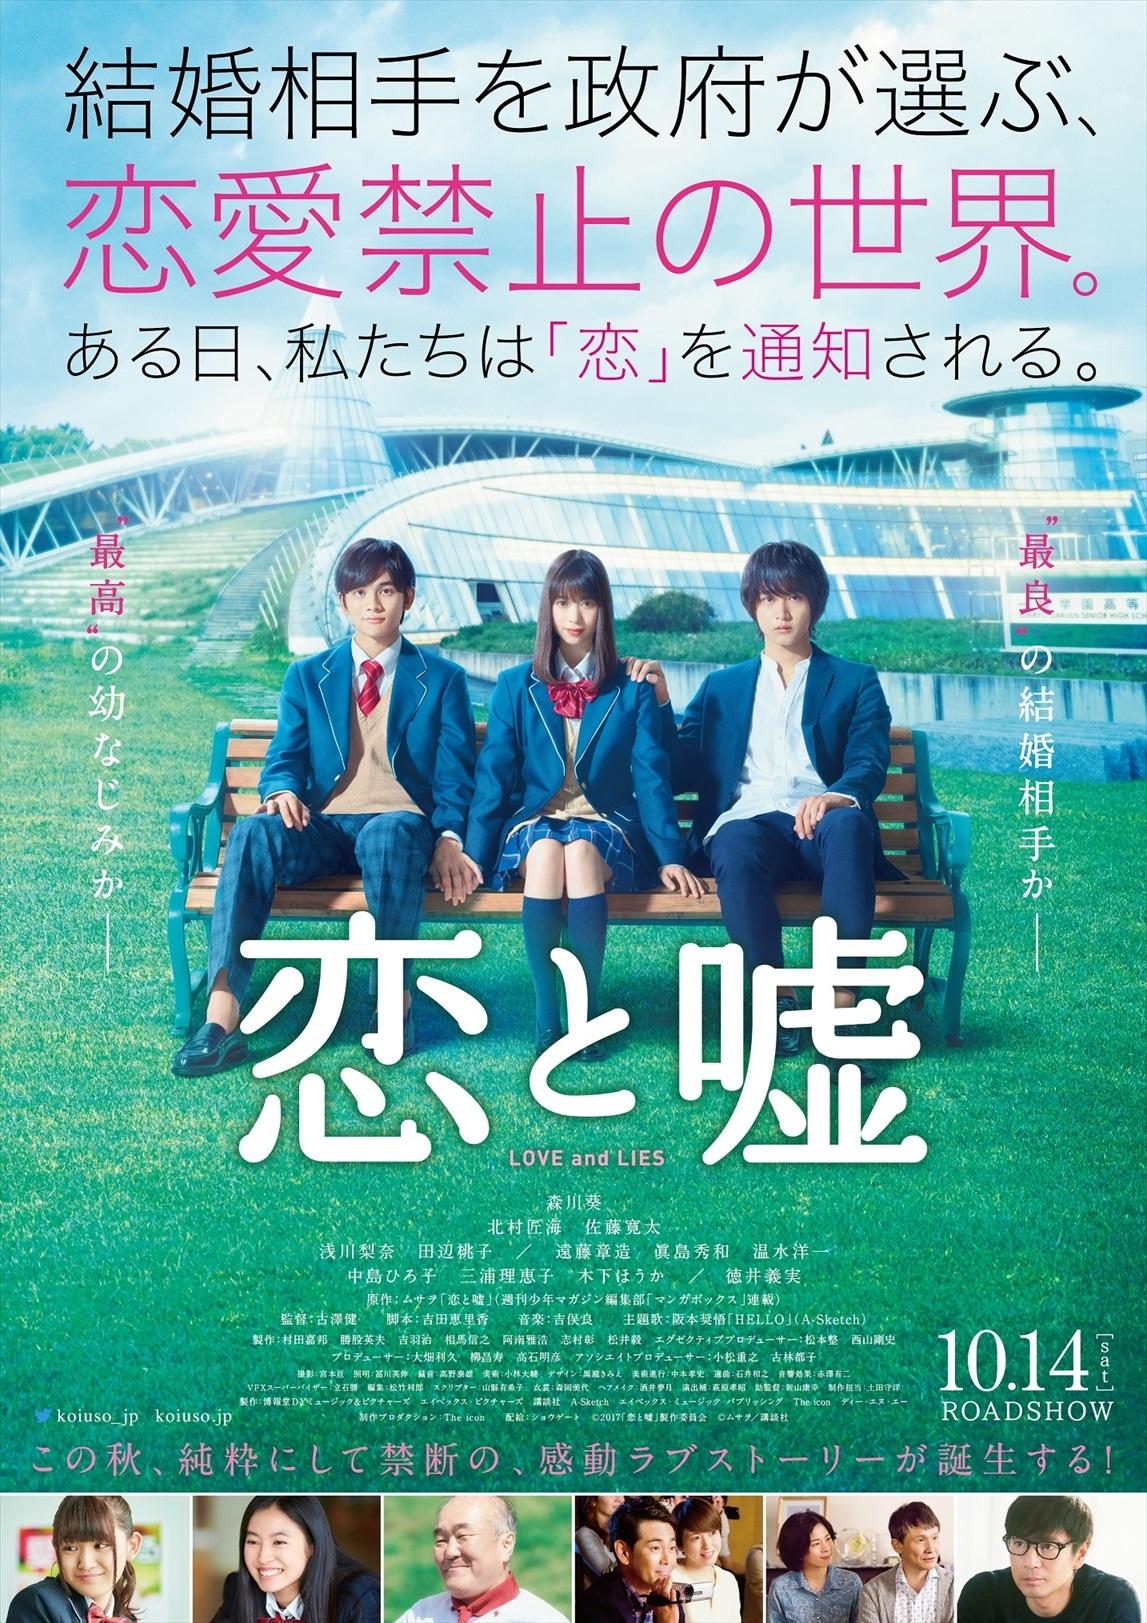 『恋と嘘』本ビジュアル (C)2017「恋と嘘」製作委員会 (C)ムサヲ/講談社